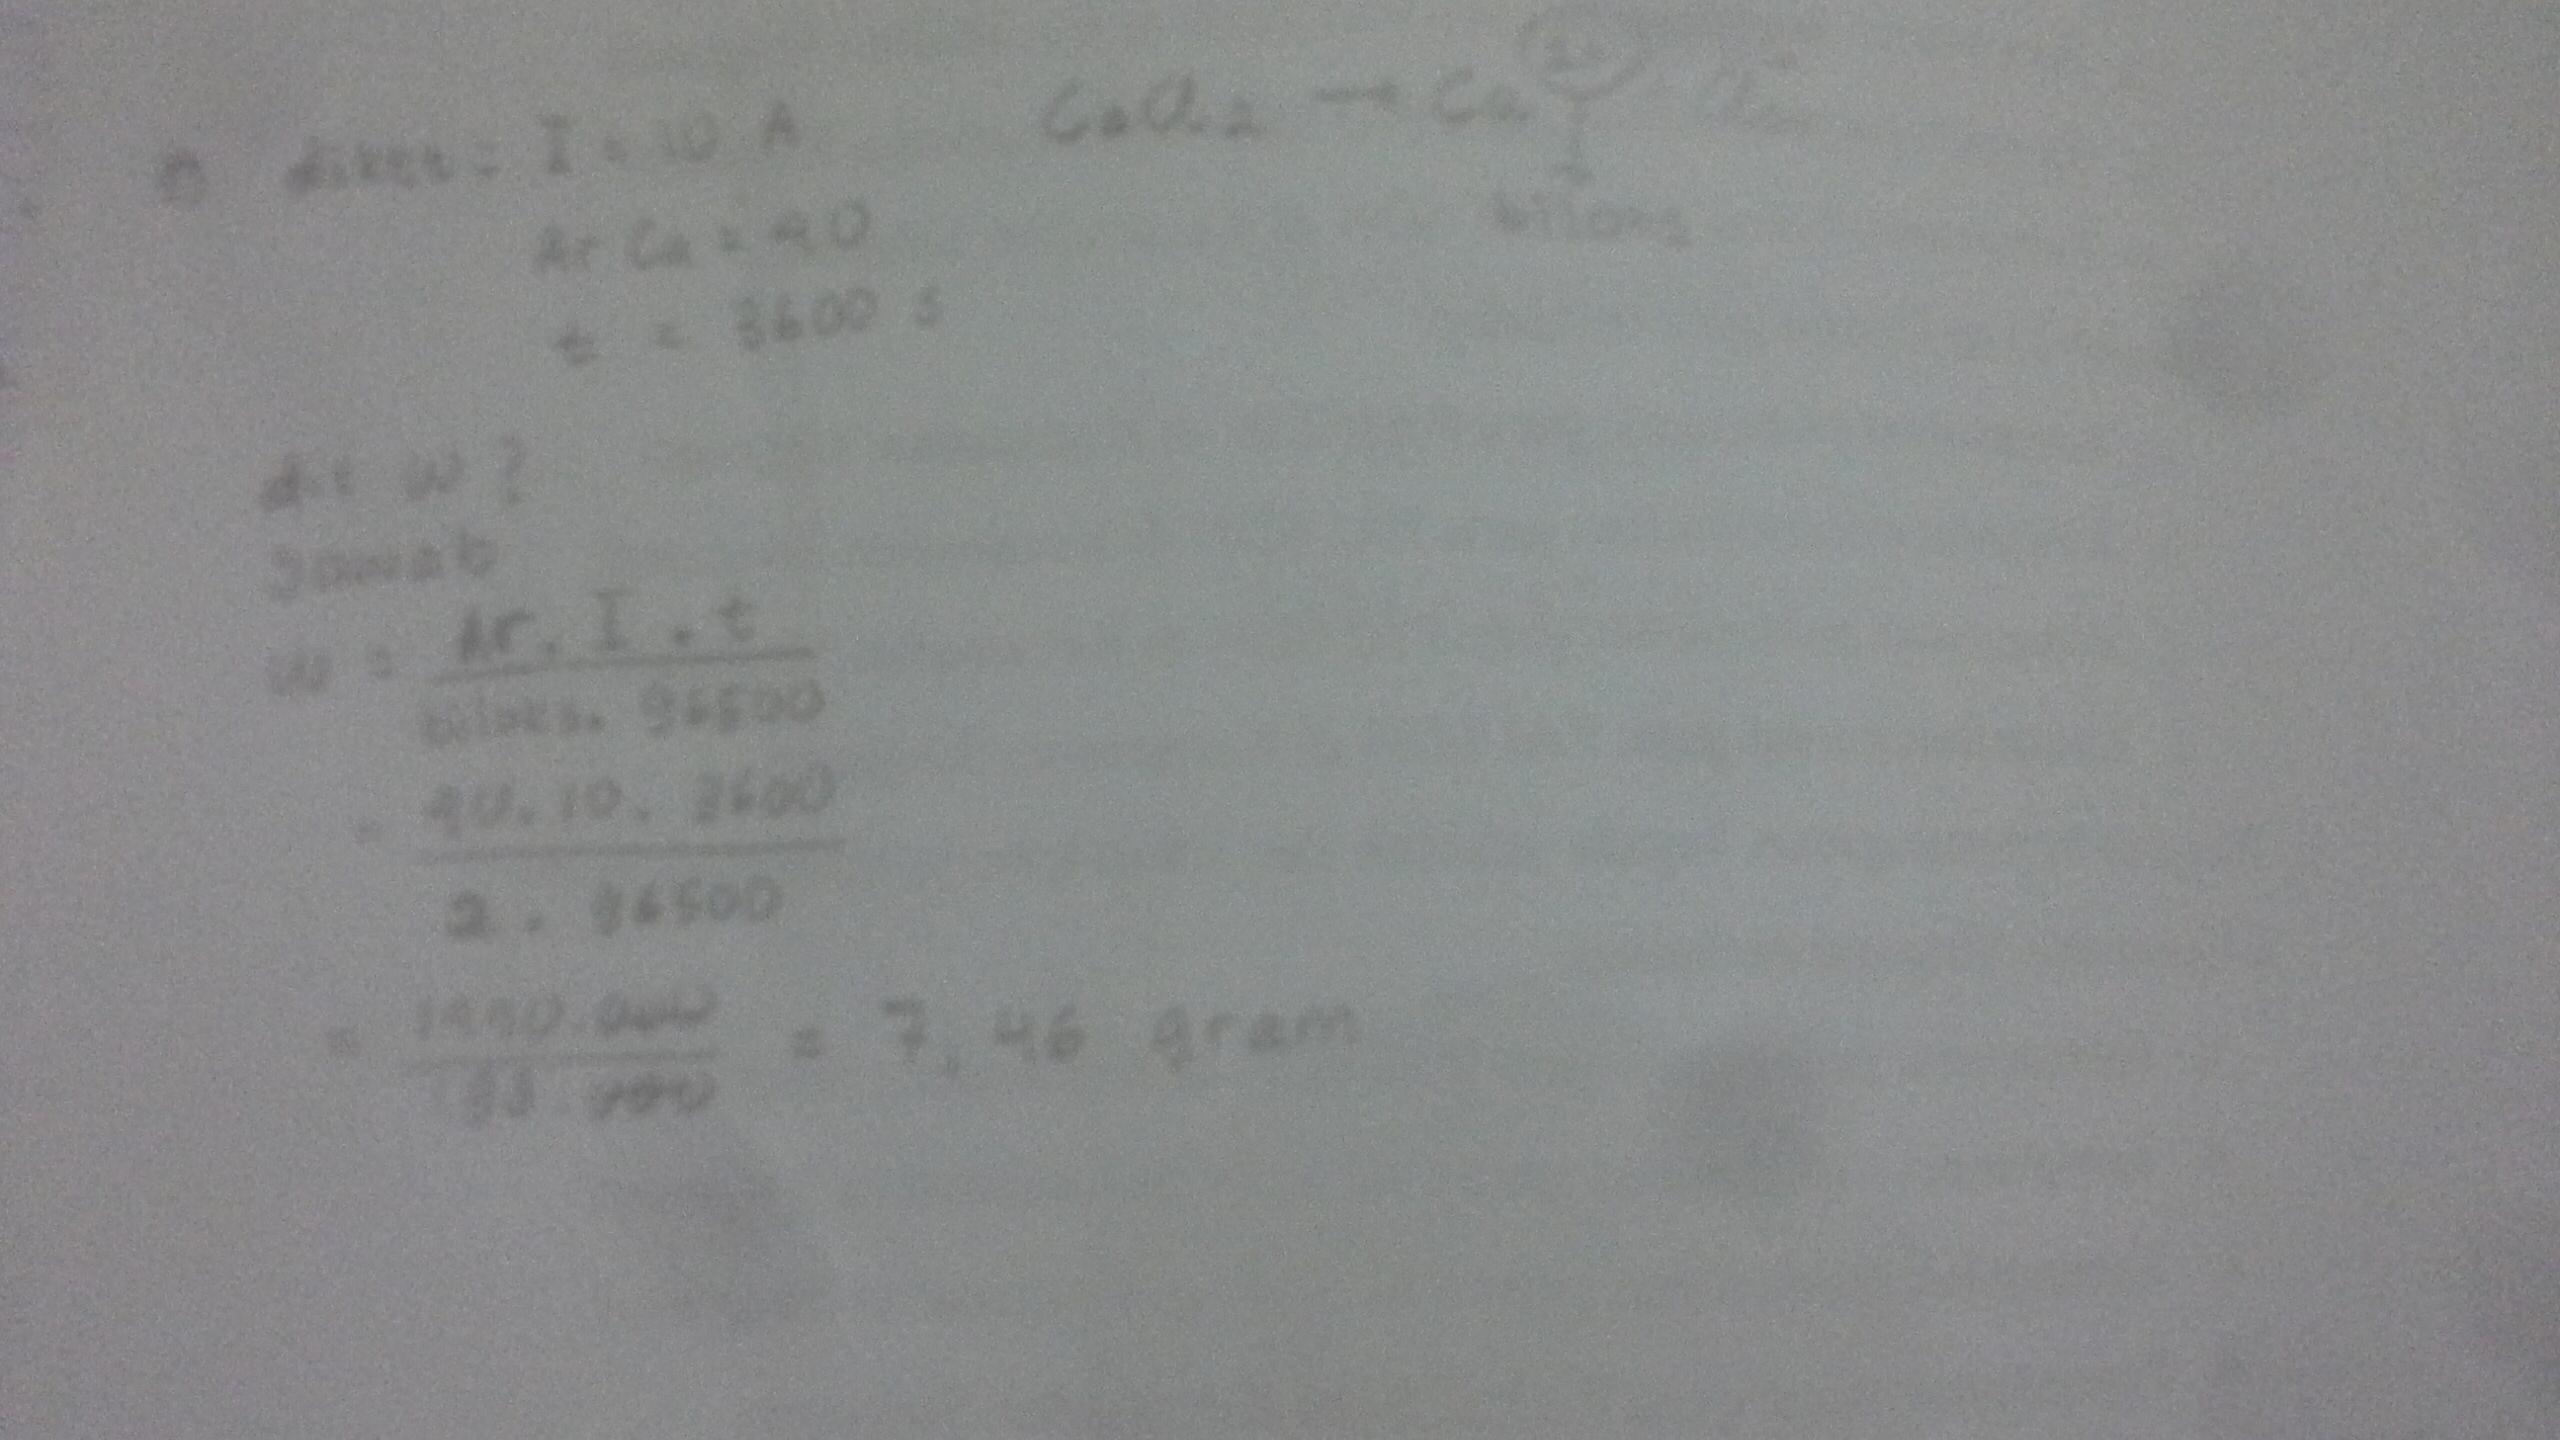 Berapa gram Kalsium yang dapat dihasilkan dari ...